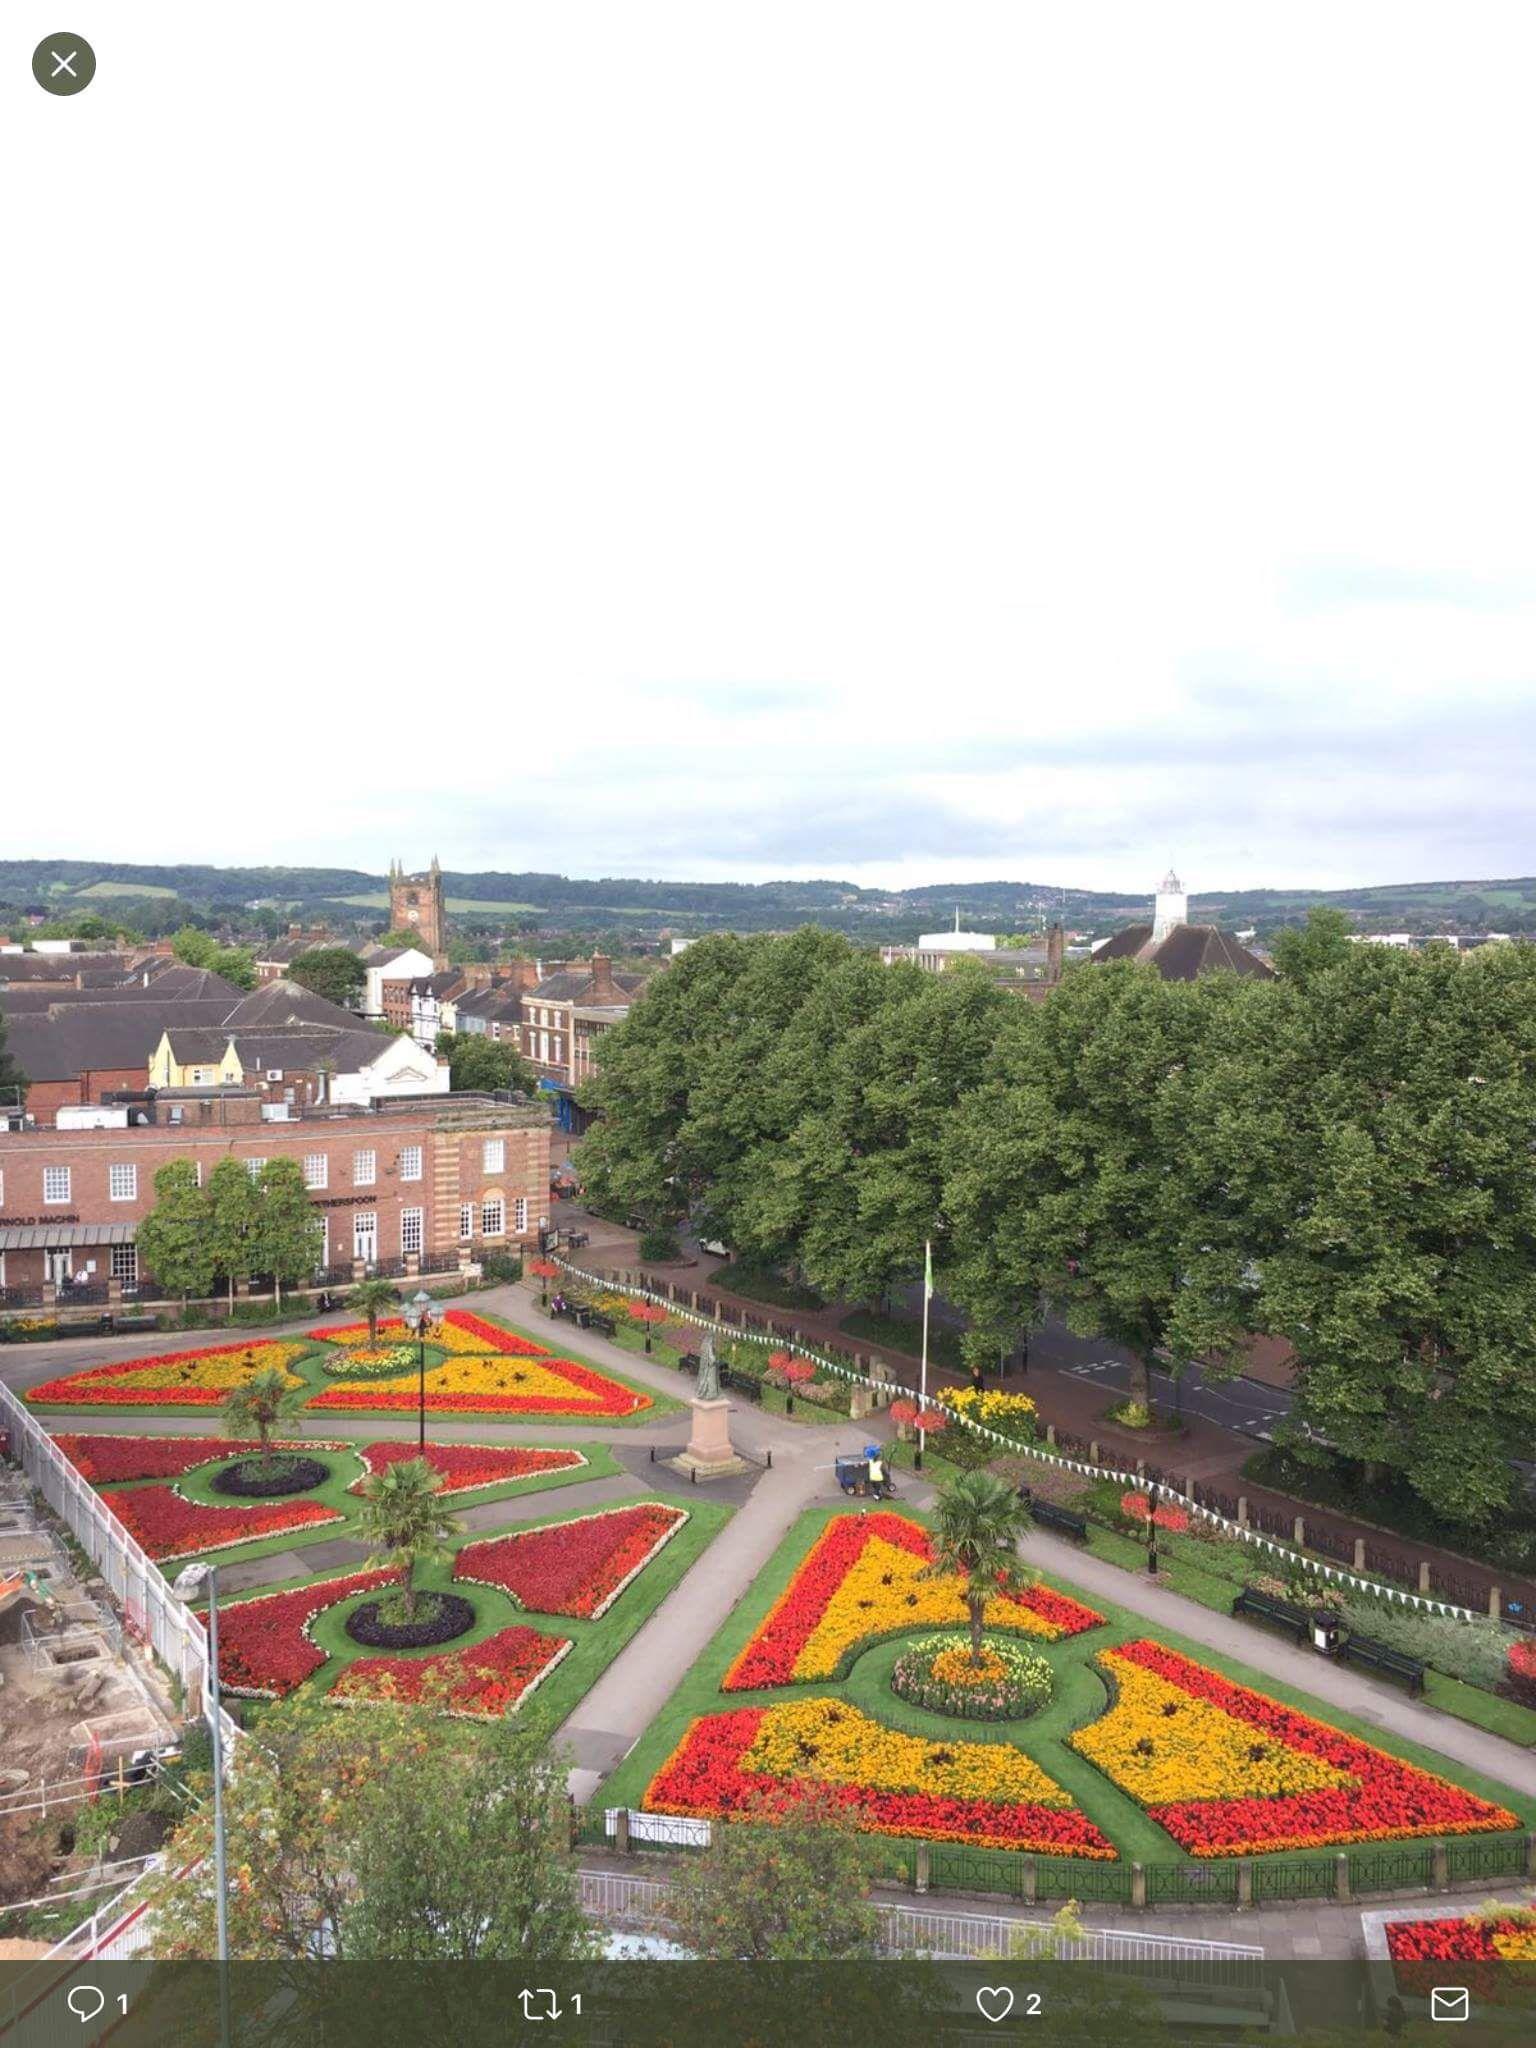 The Queens Gardens in Newcastle-under-Lyme, Staffs, taken ...